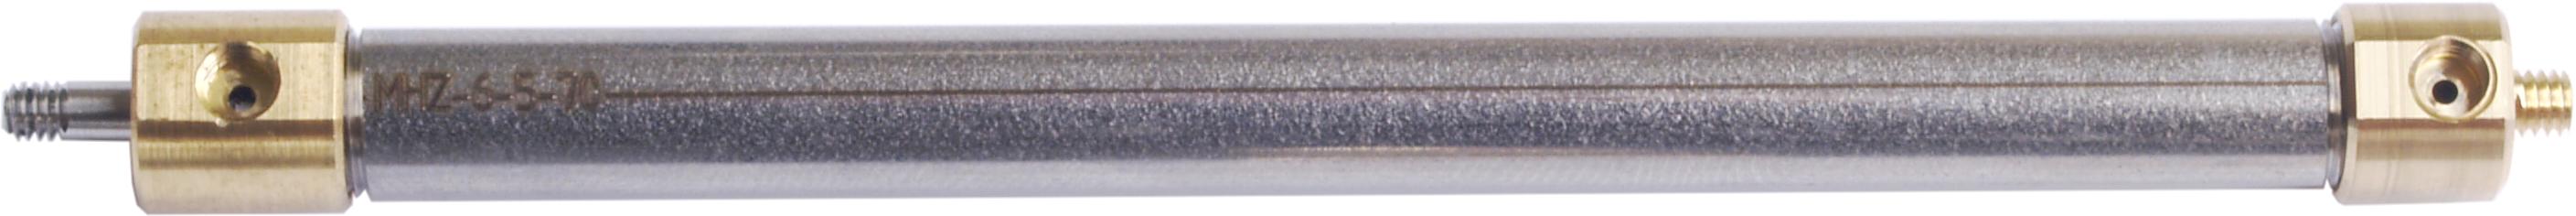 Hydraulikzylinder 70 mm Hub